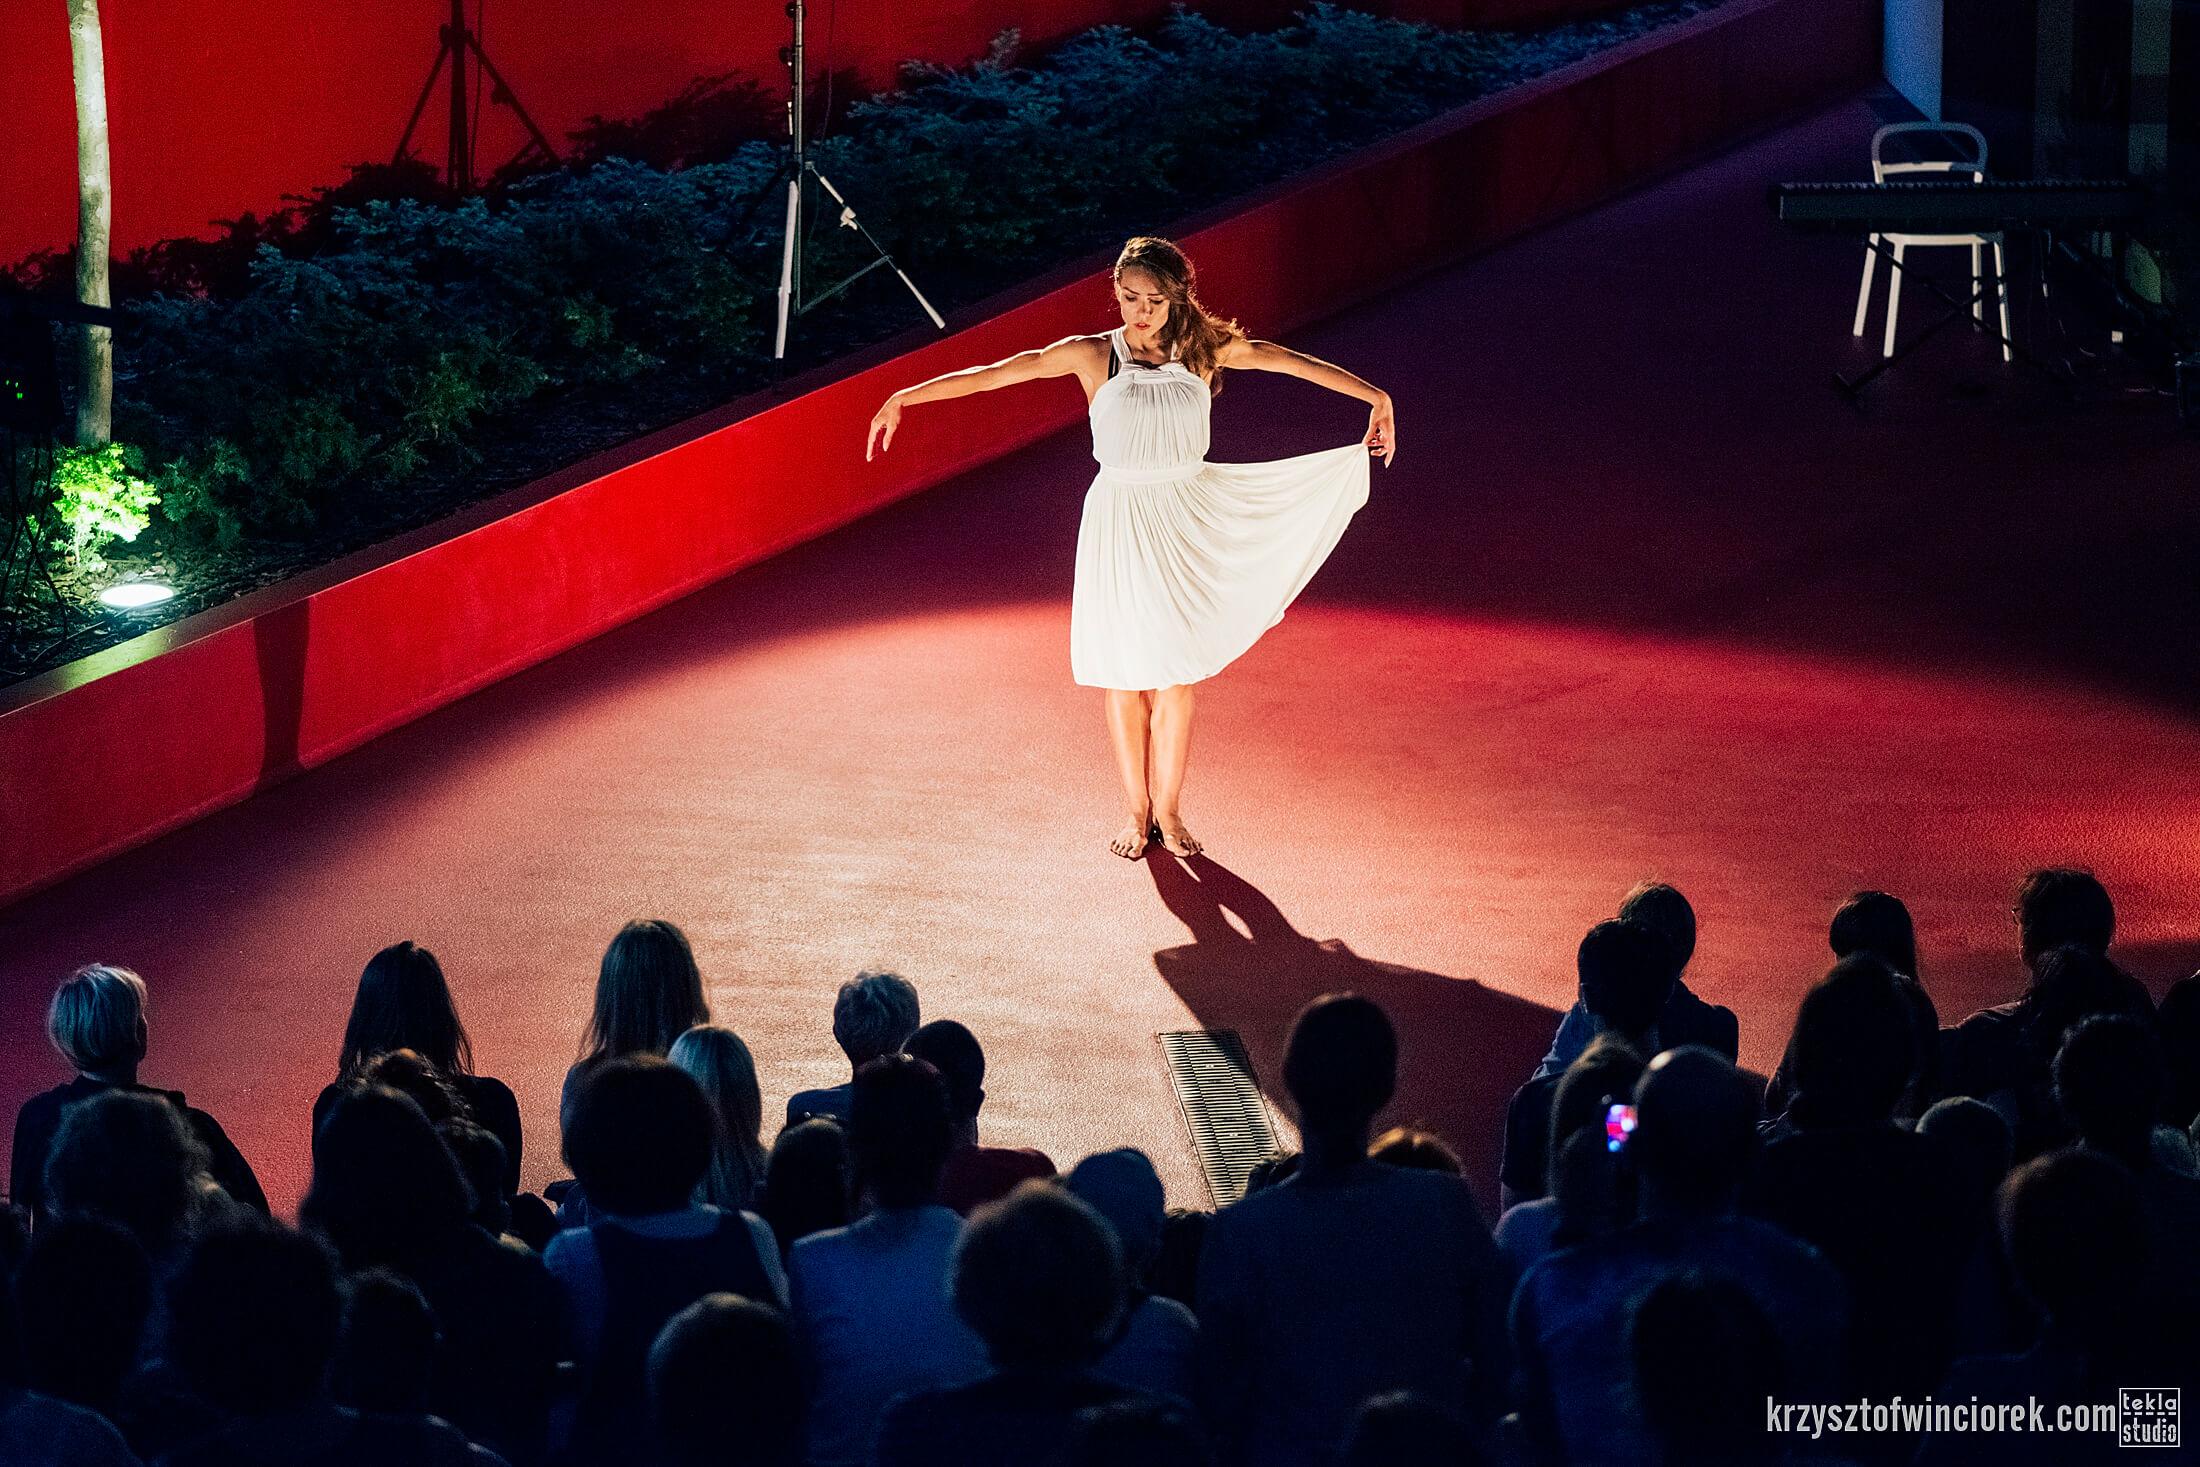 Aktorka tancerka w białej sukience. W lewej ręce trzyma rabek sukienki. Czeerwona podłoga, publicznośc zgromadzona przed aktorką.